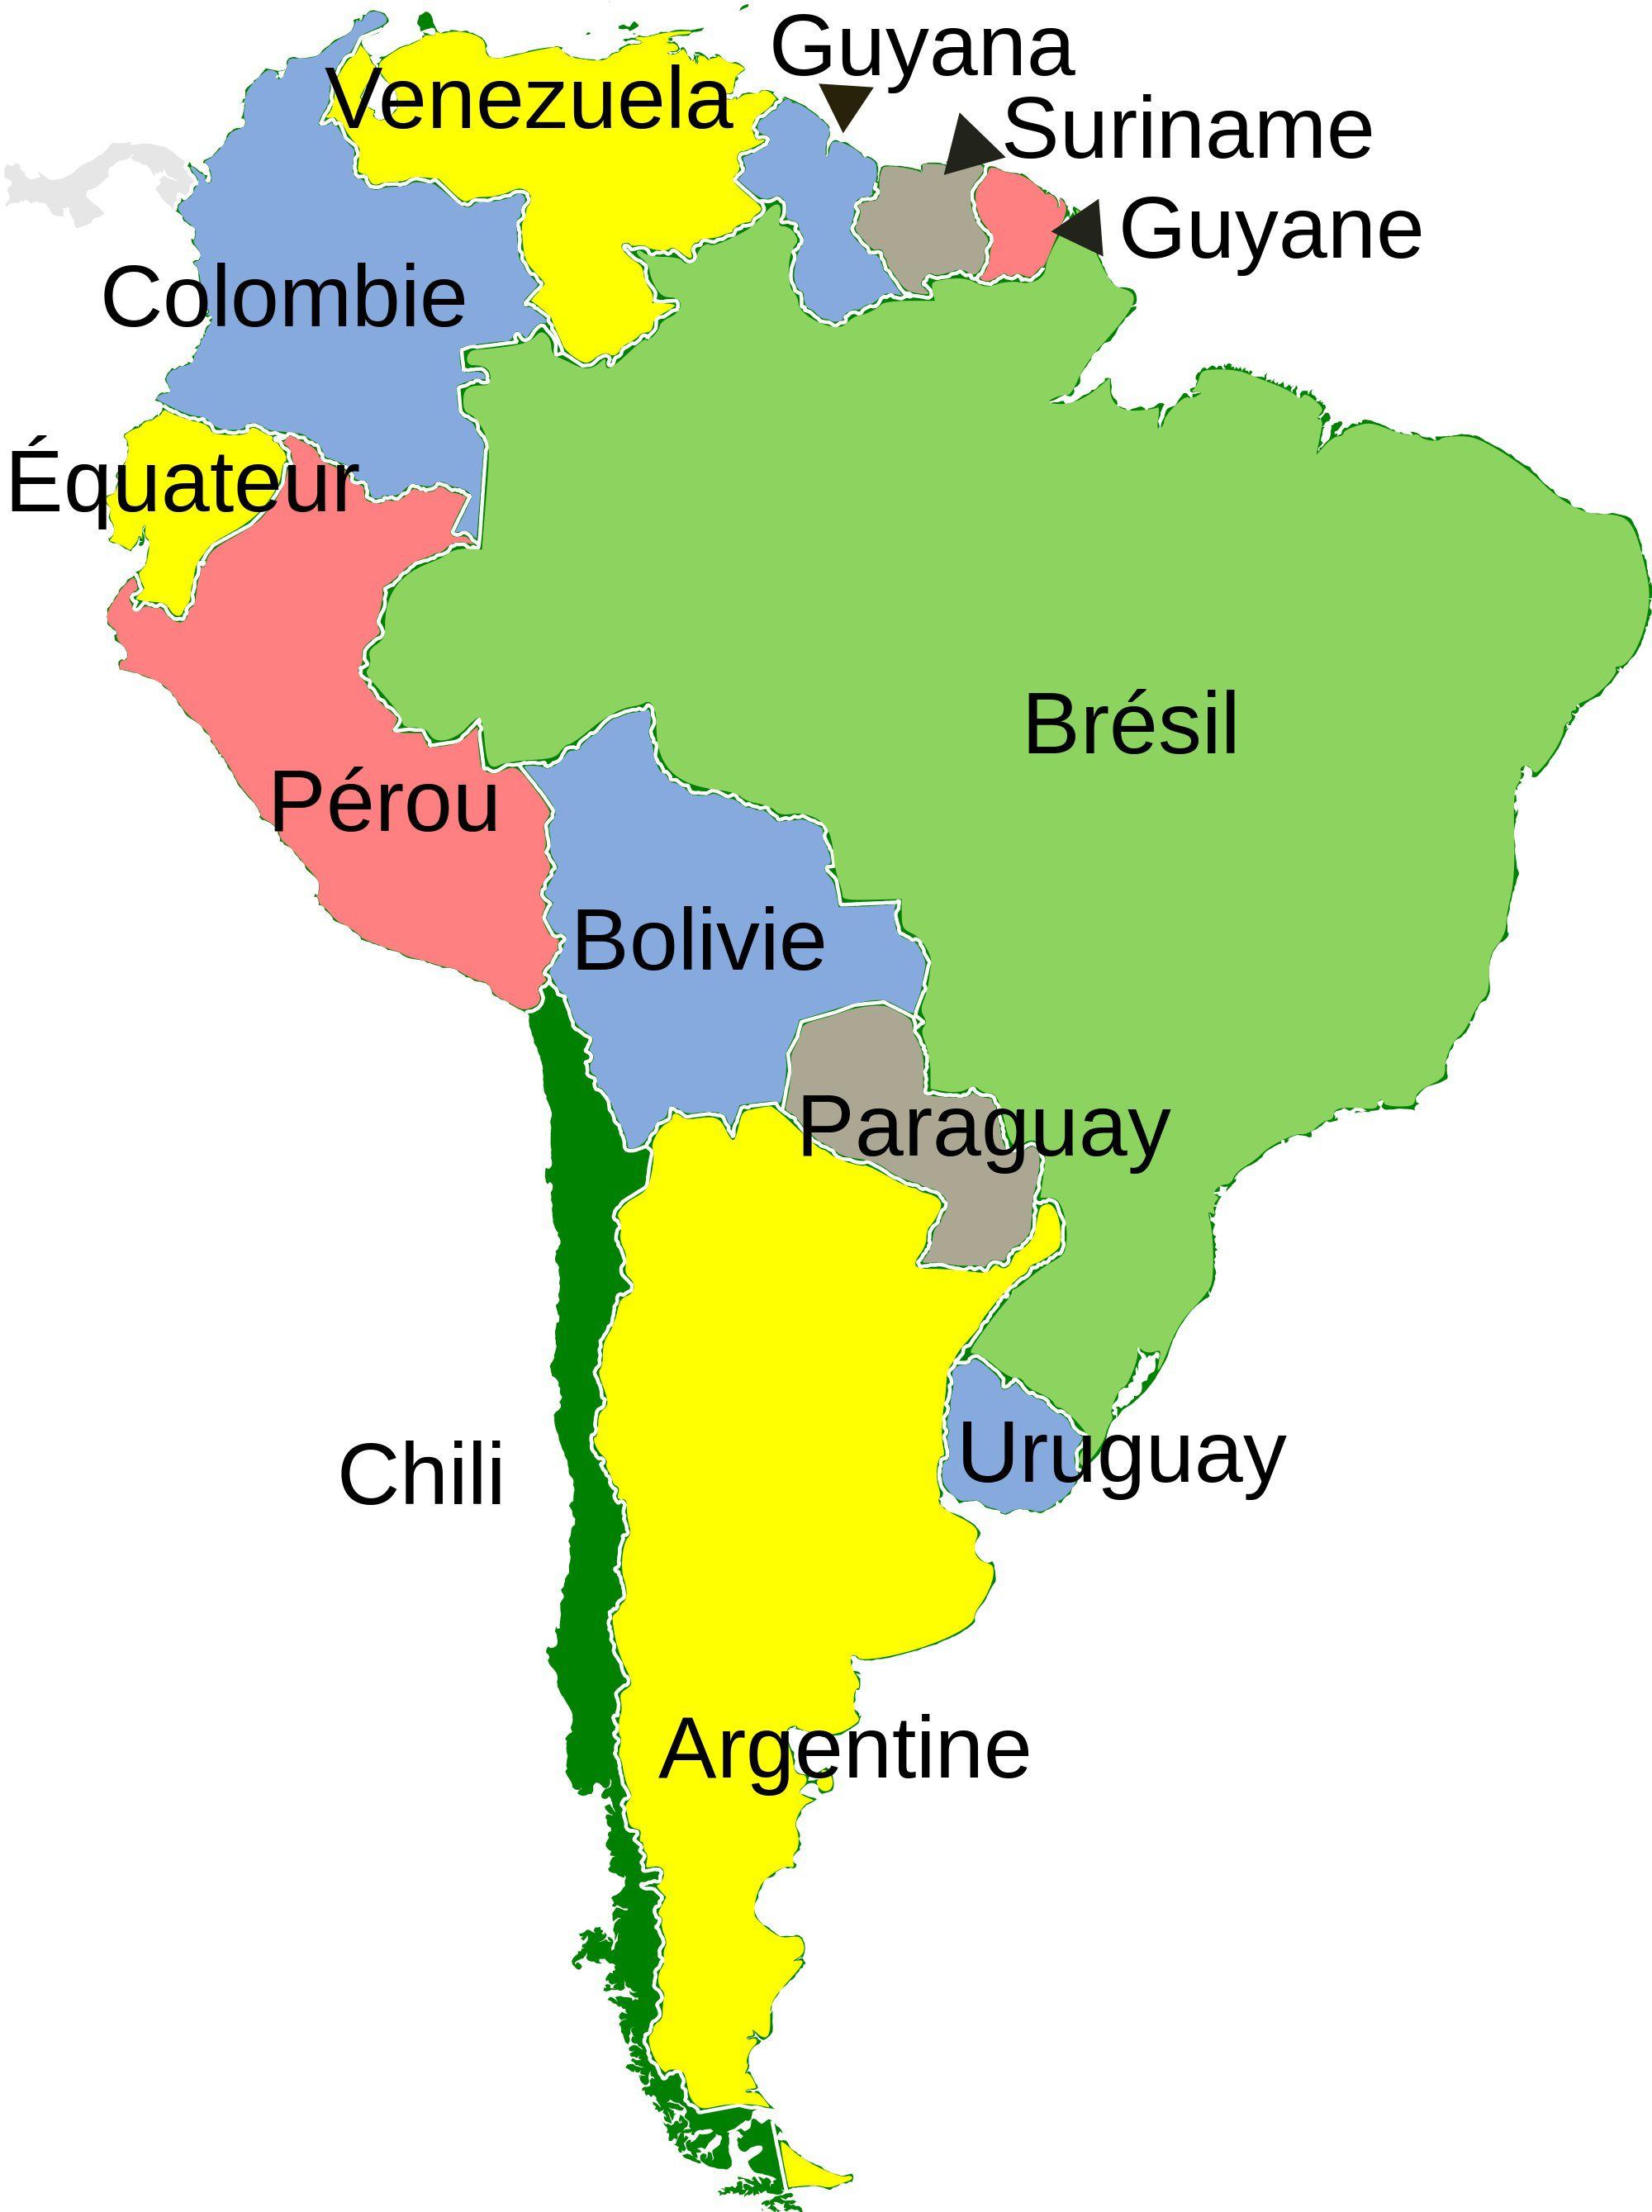 Carte de l'Amérique du Sud : les pays